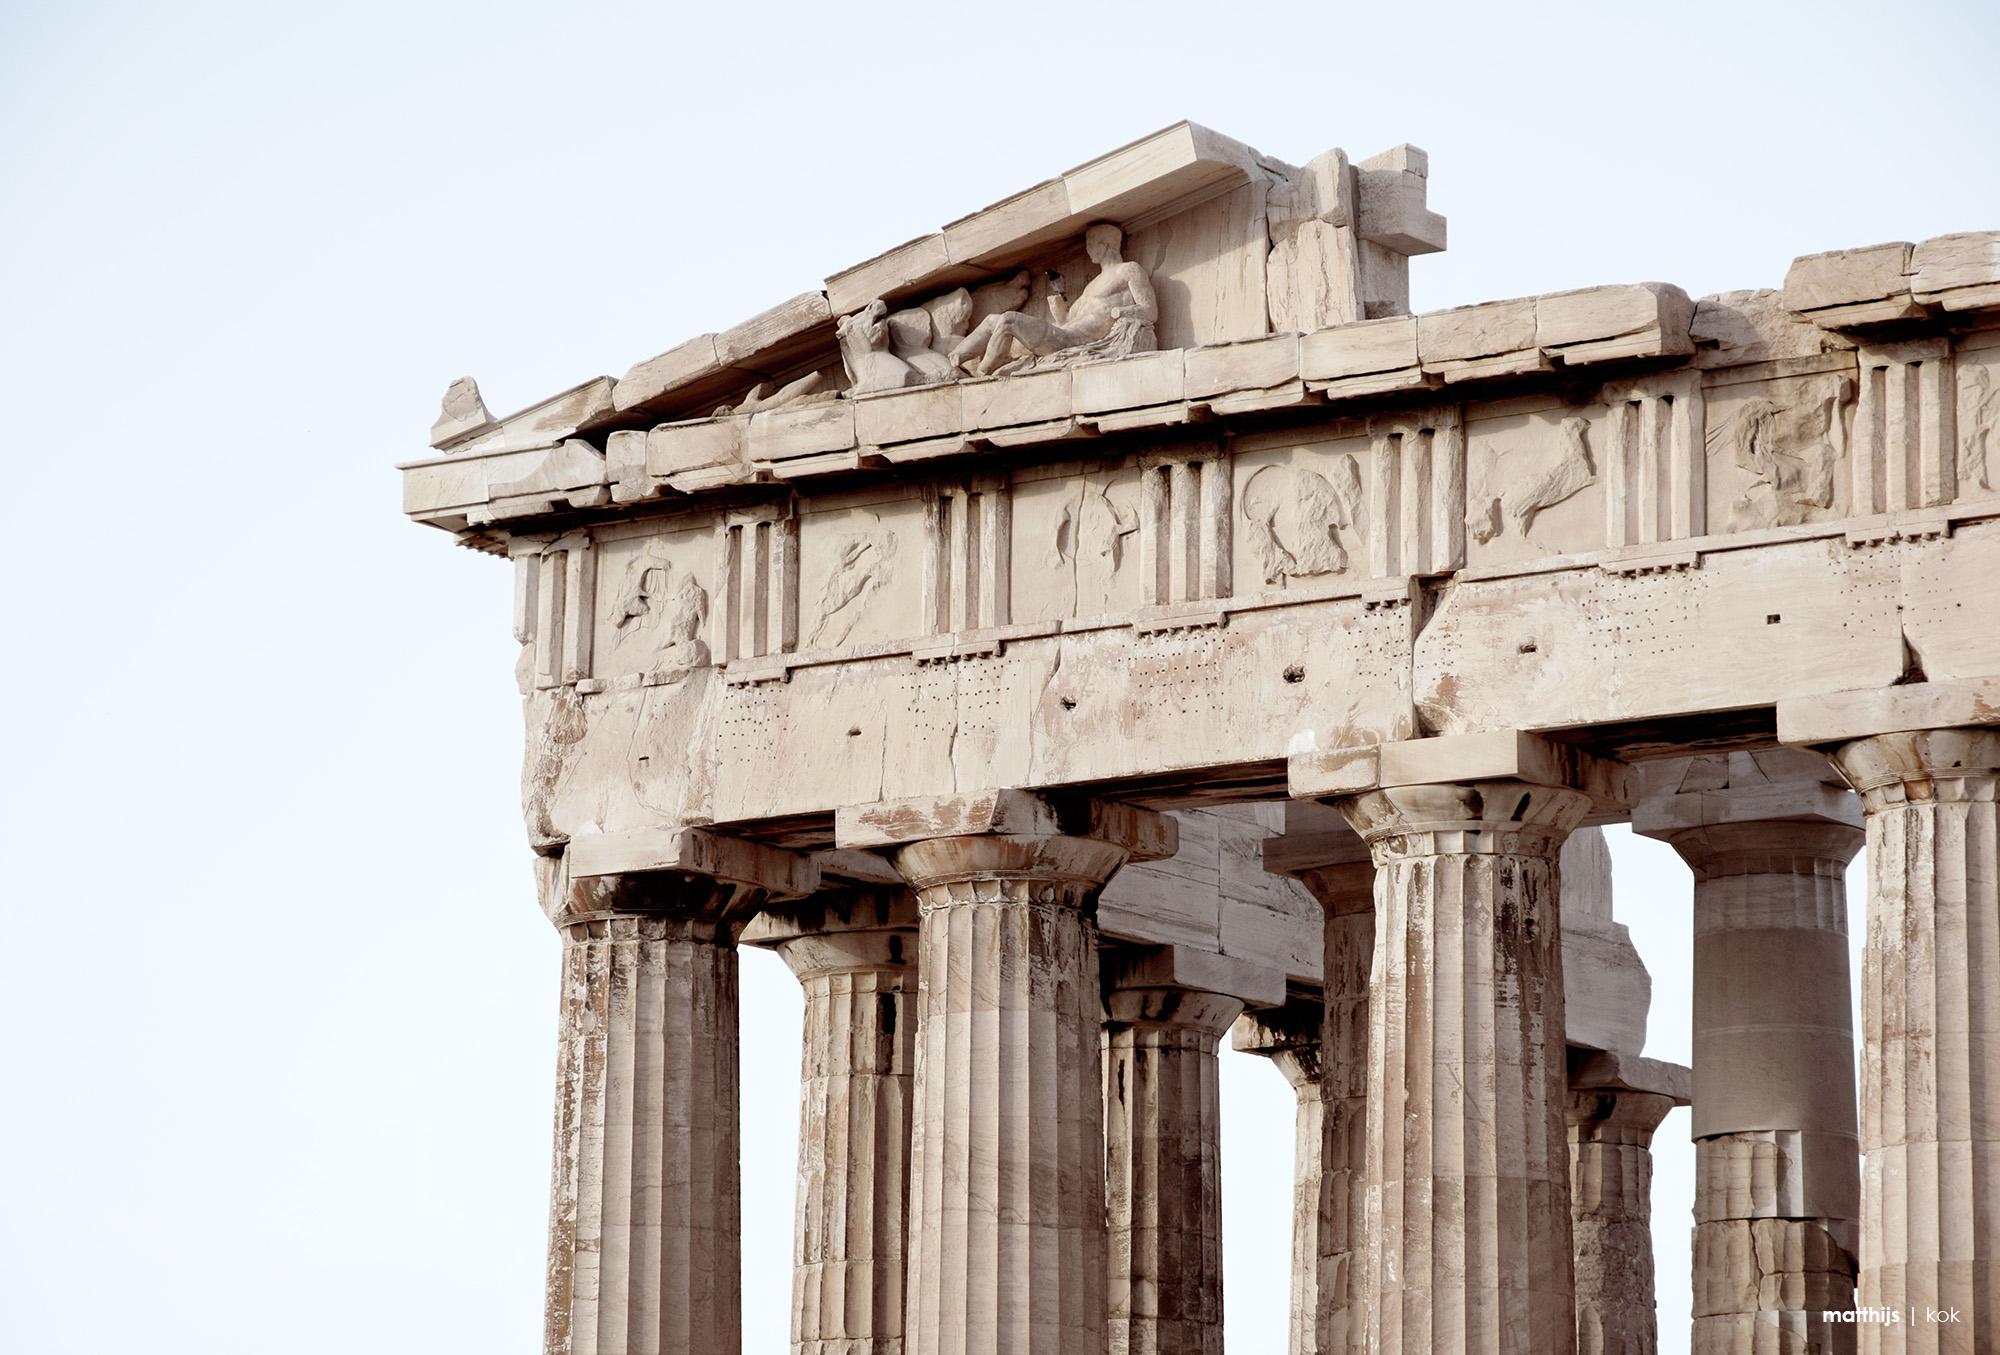 Parthenon Detail, Athens, Greece | Photo by Matthijs Kok